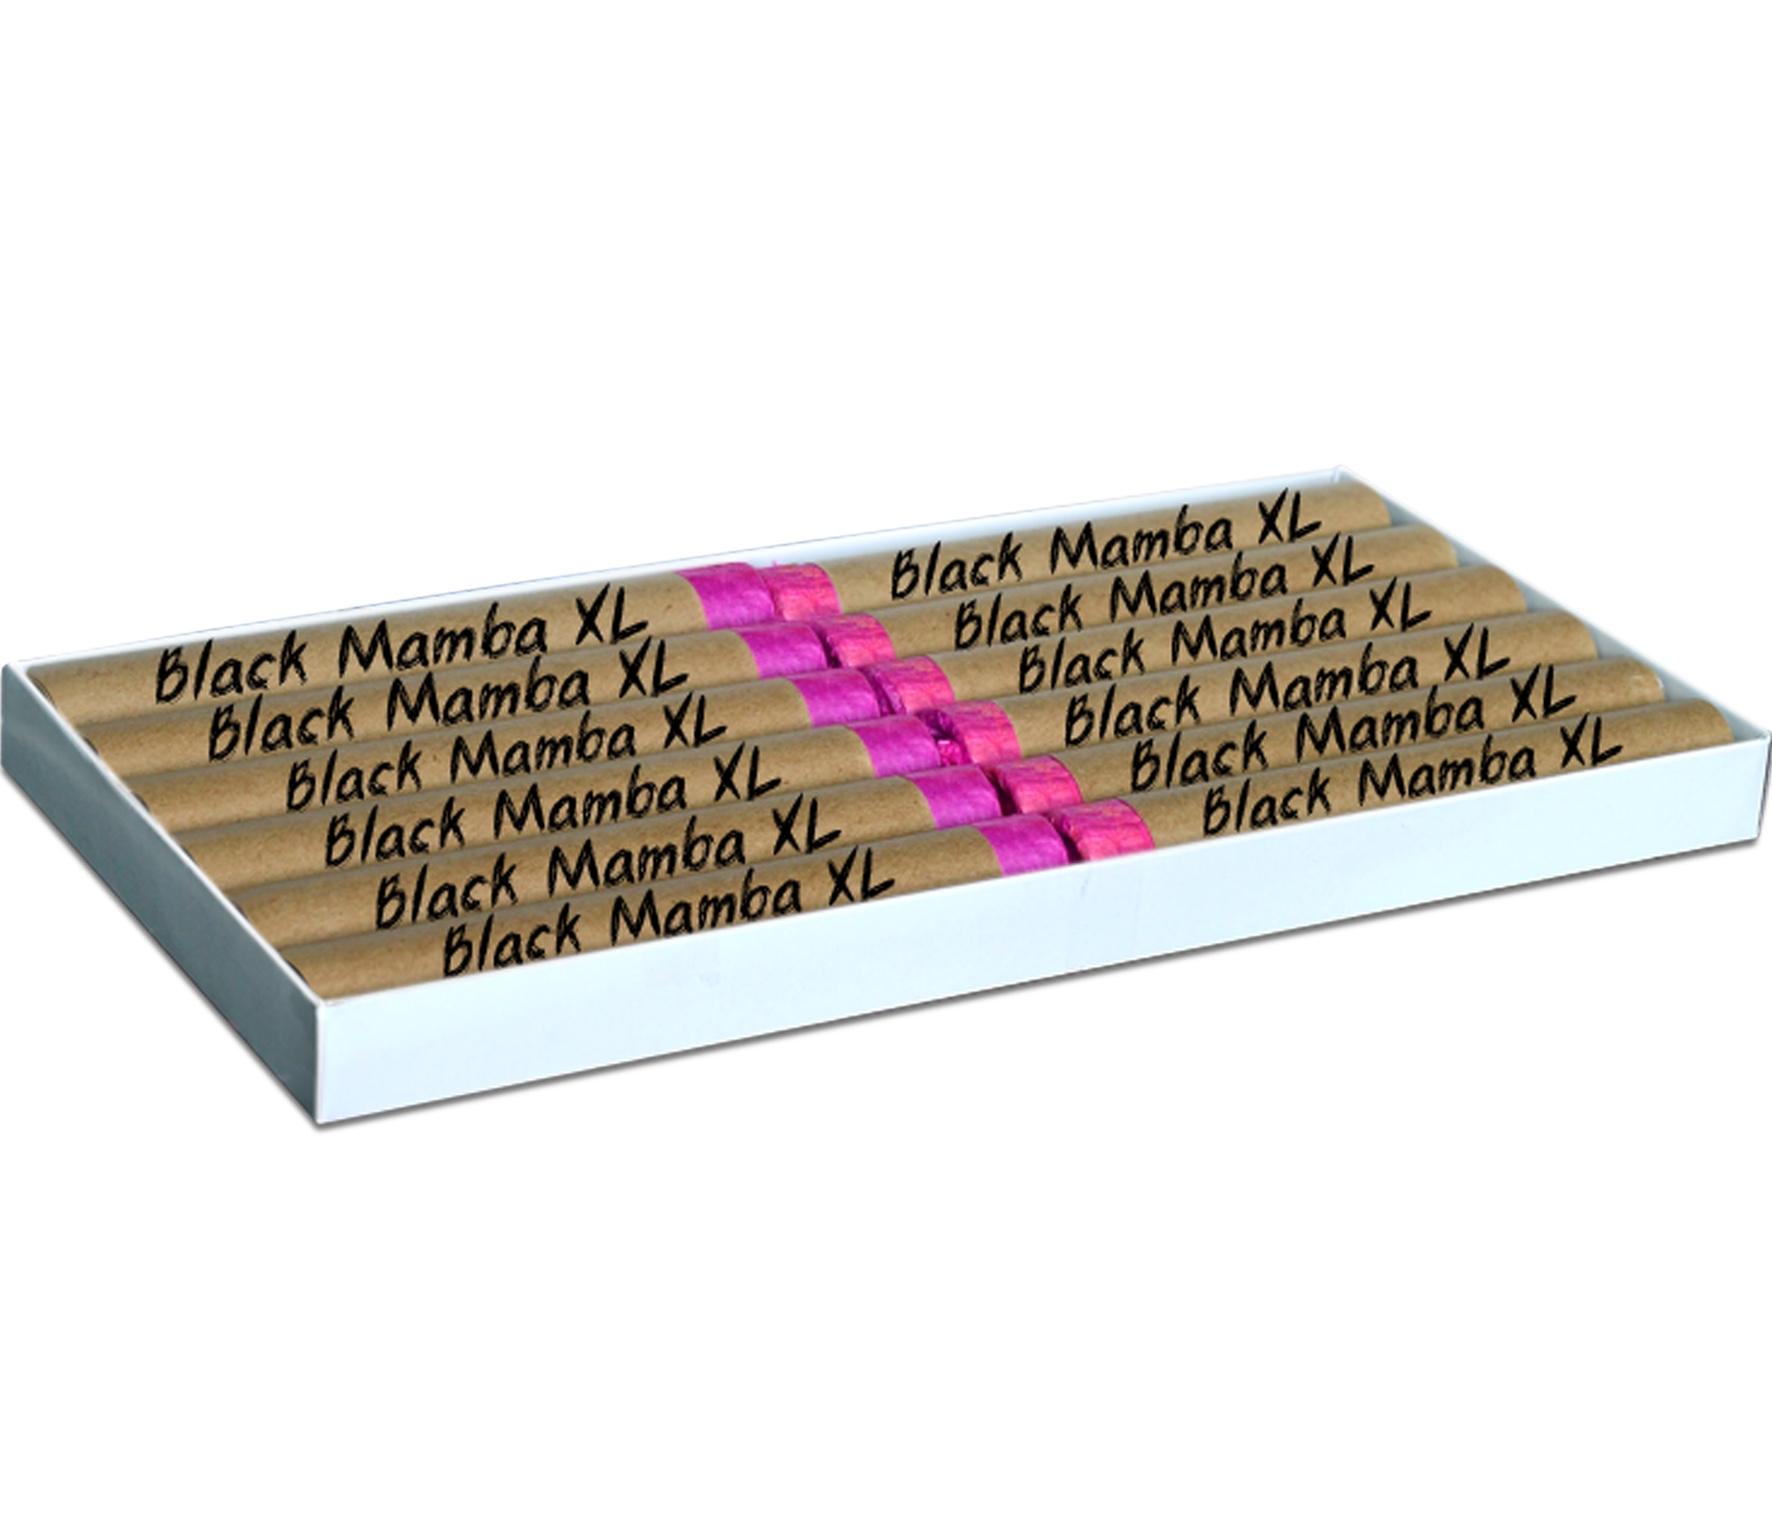 Black Mamba XL Nitraten